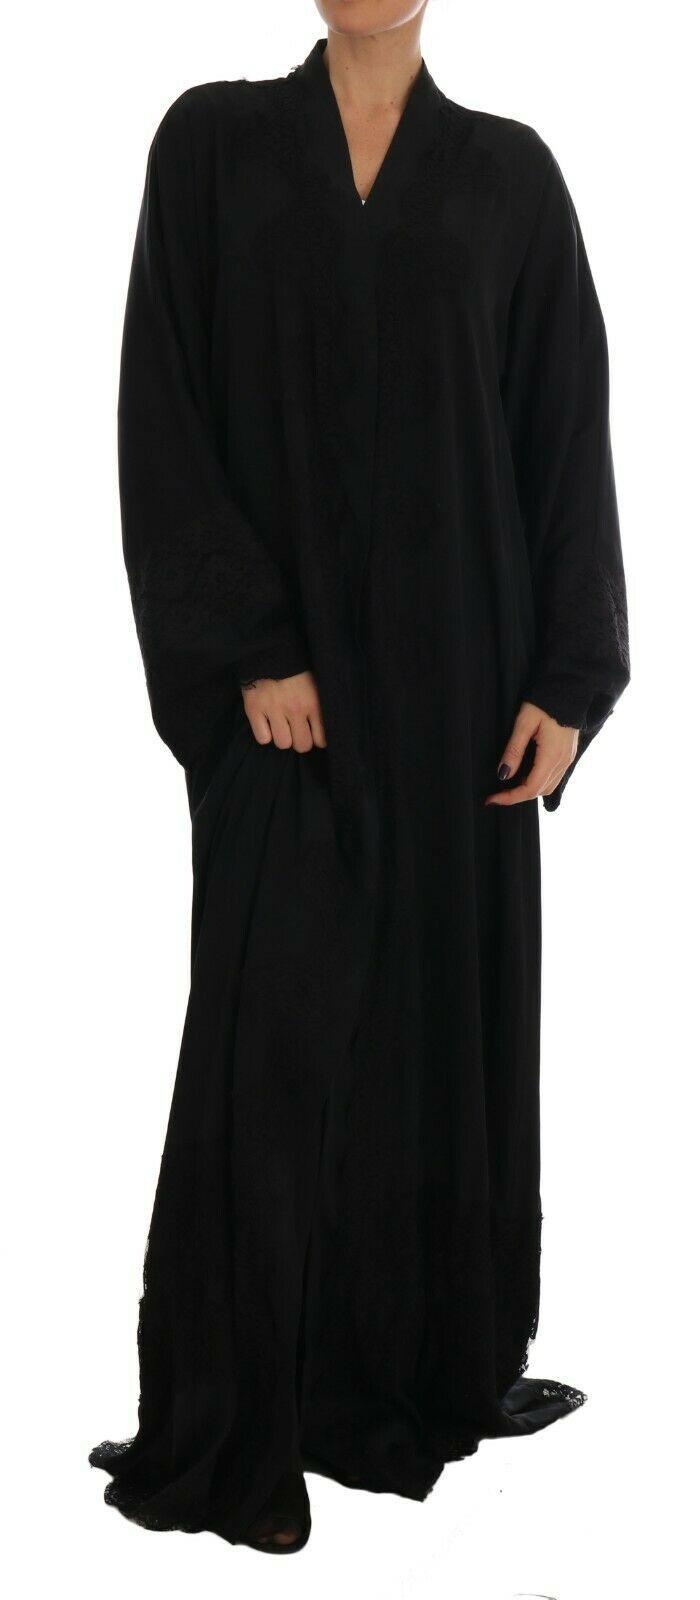 Dolce & Gabbana Women's Silk Ricamo Kaftan Abaya Dress Black DR1396 - IT42|M